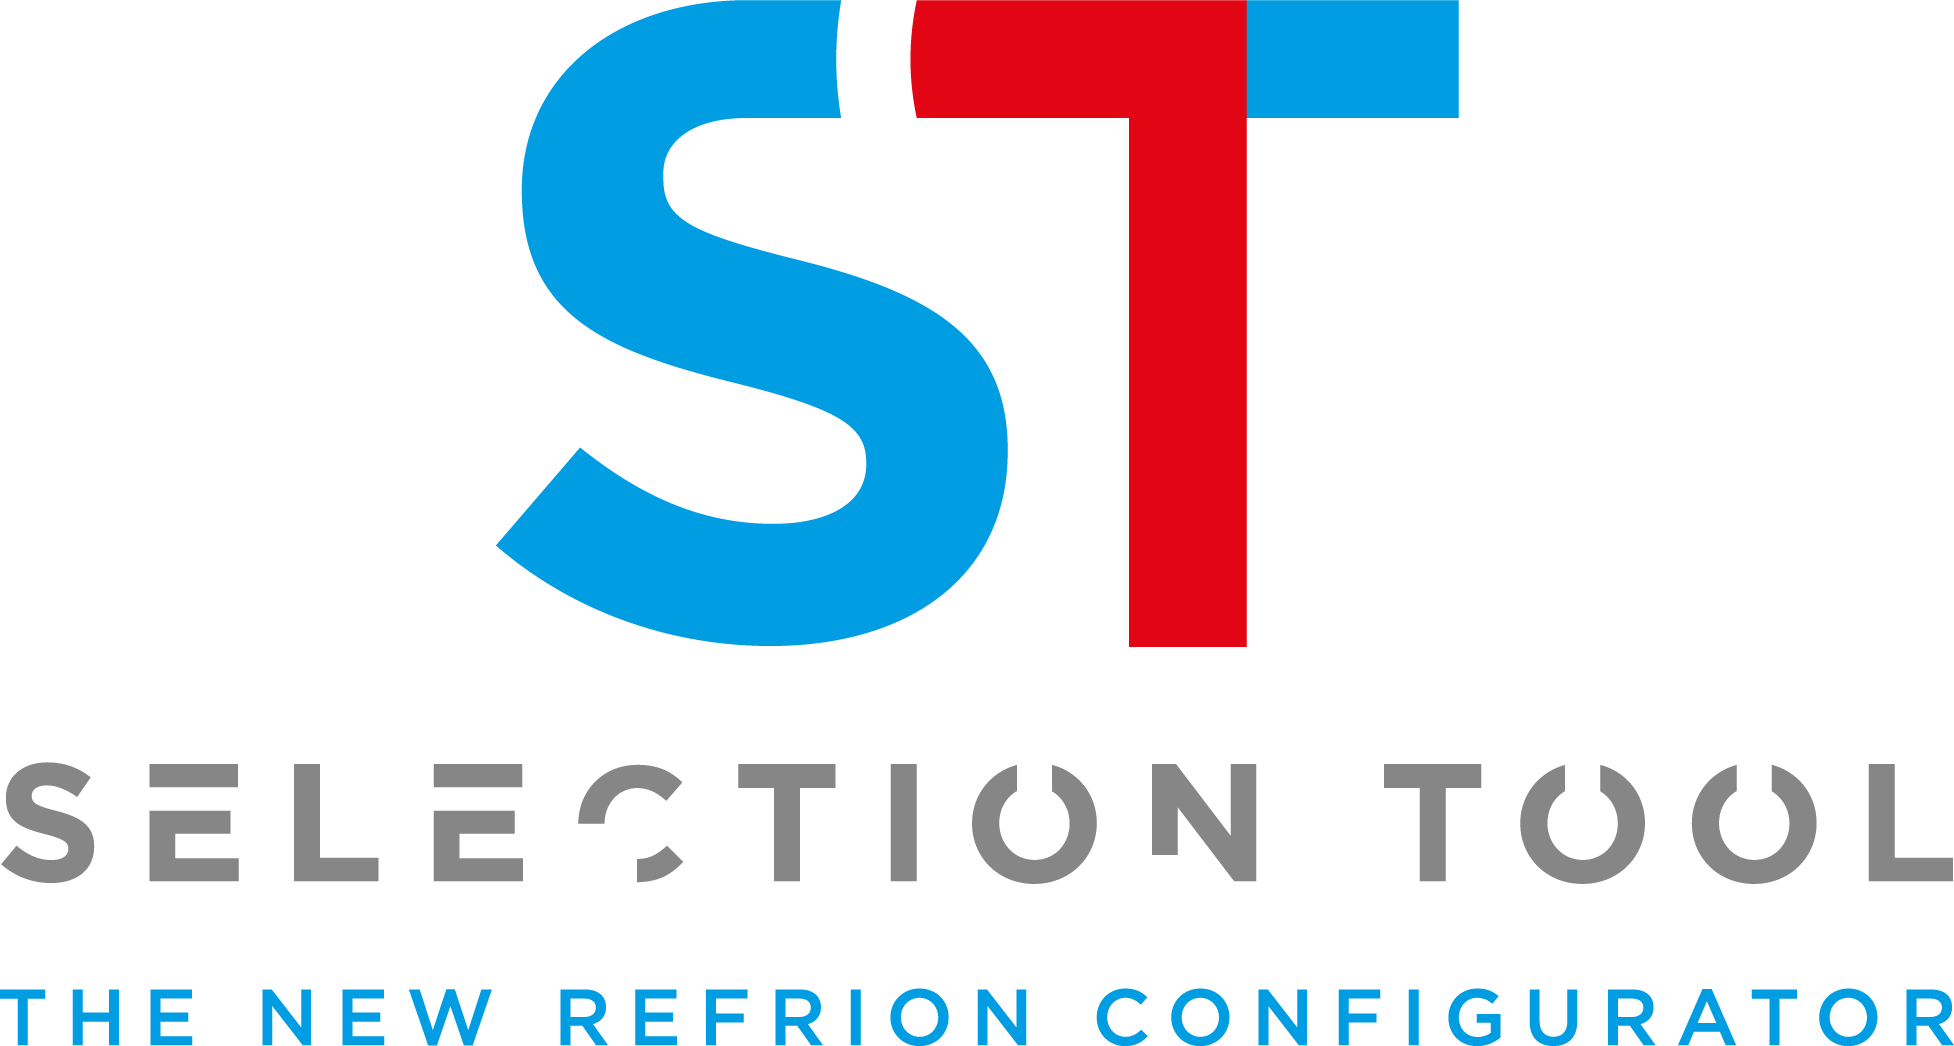 Selection Tool – Refrion - Il nuovo programma di calcolo di Refrion